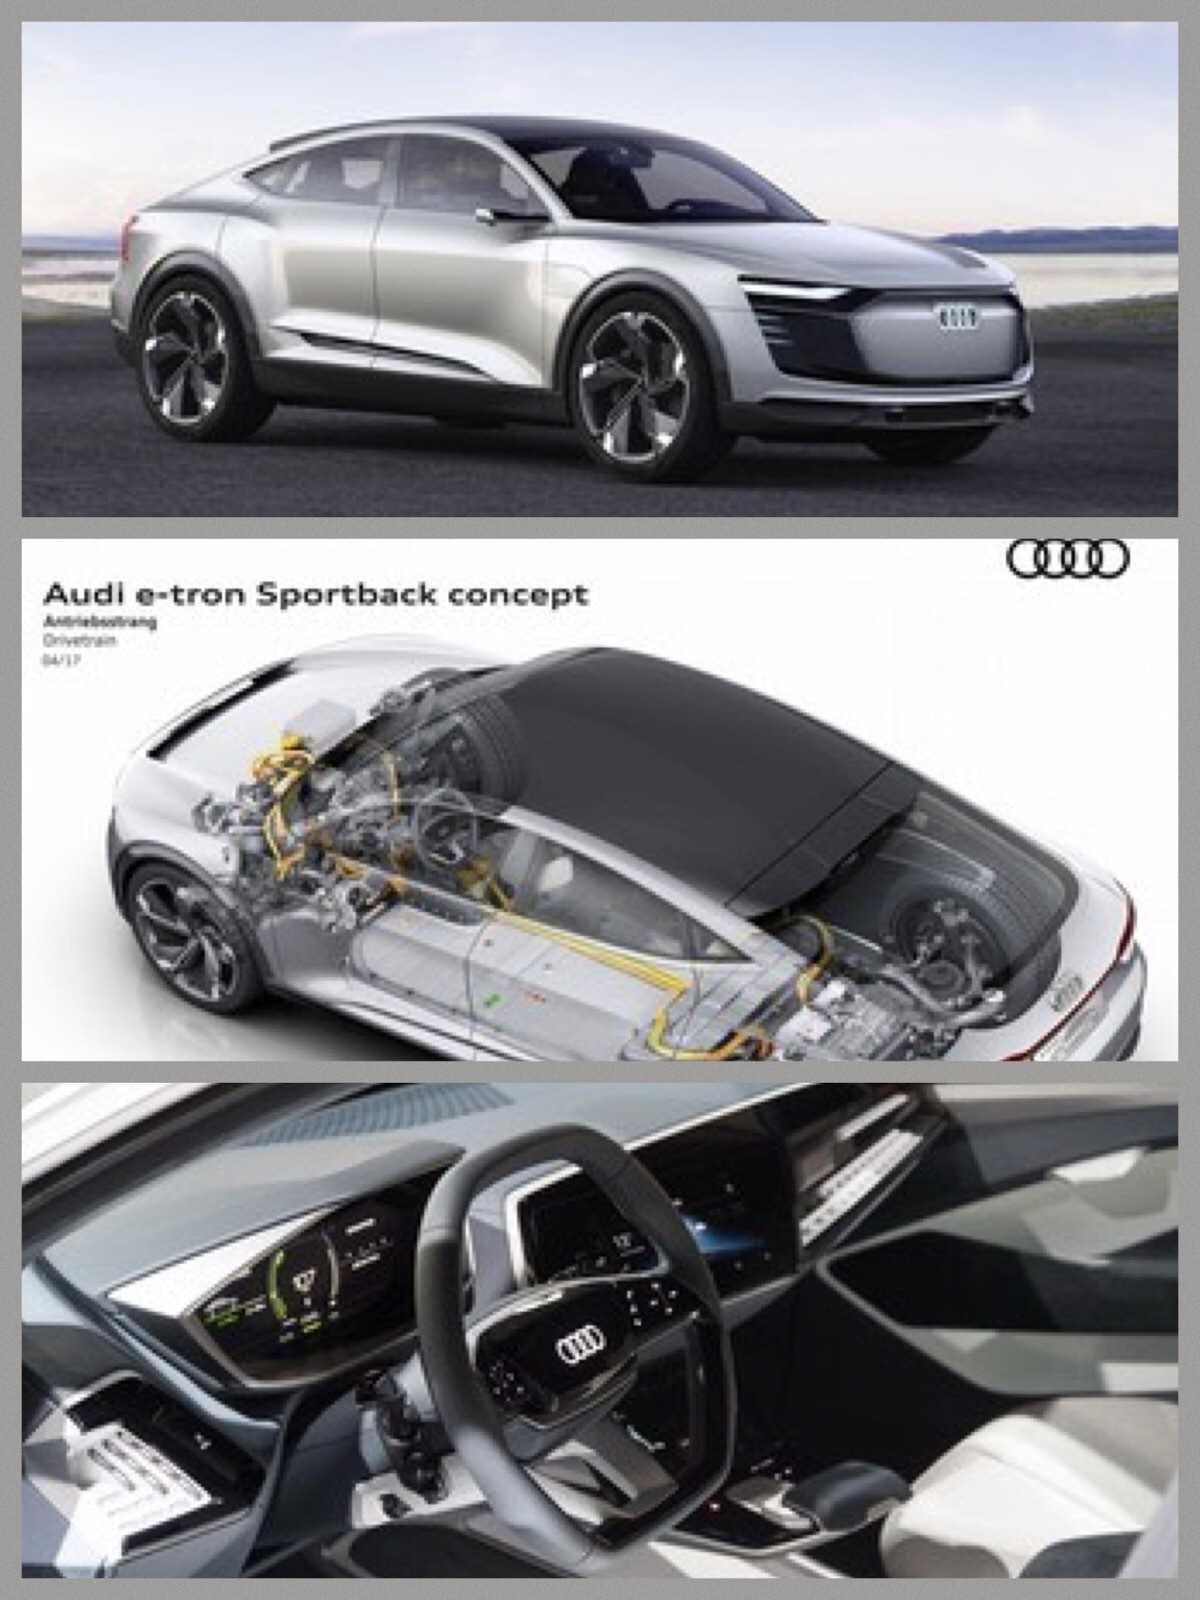 「Audi e-tronスポーツバック コンセプト」EV